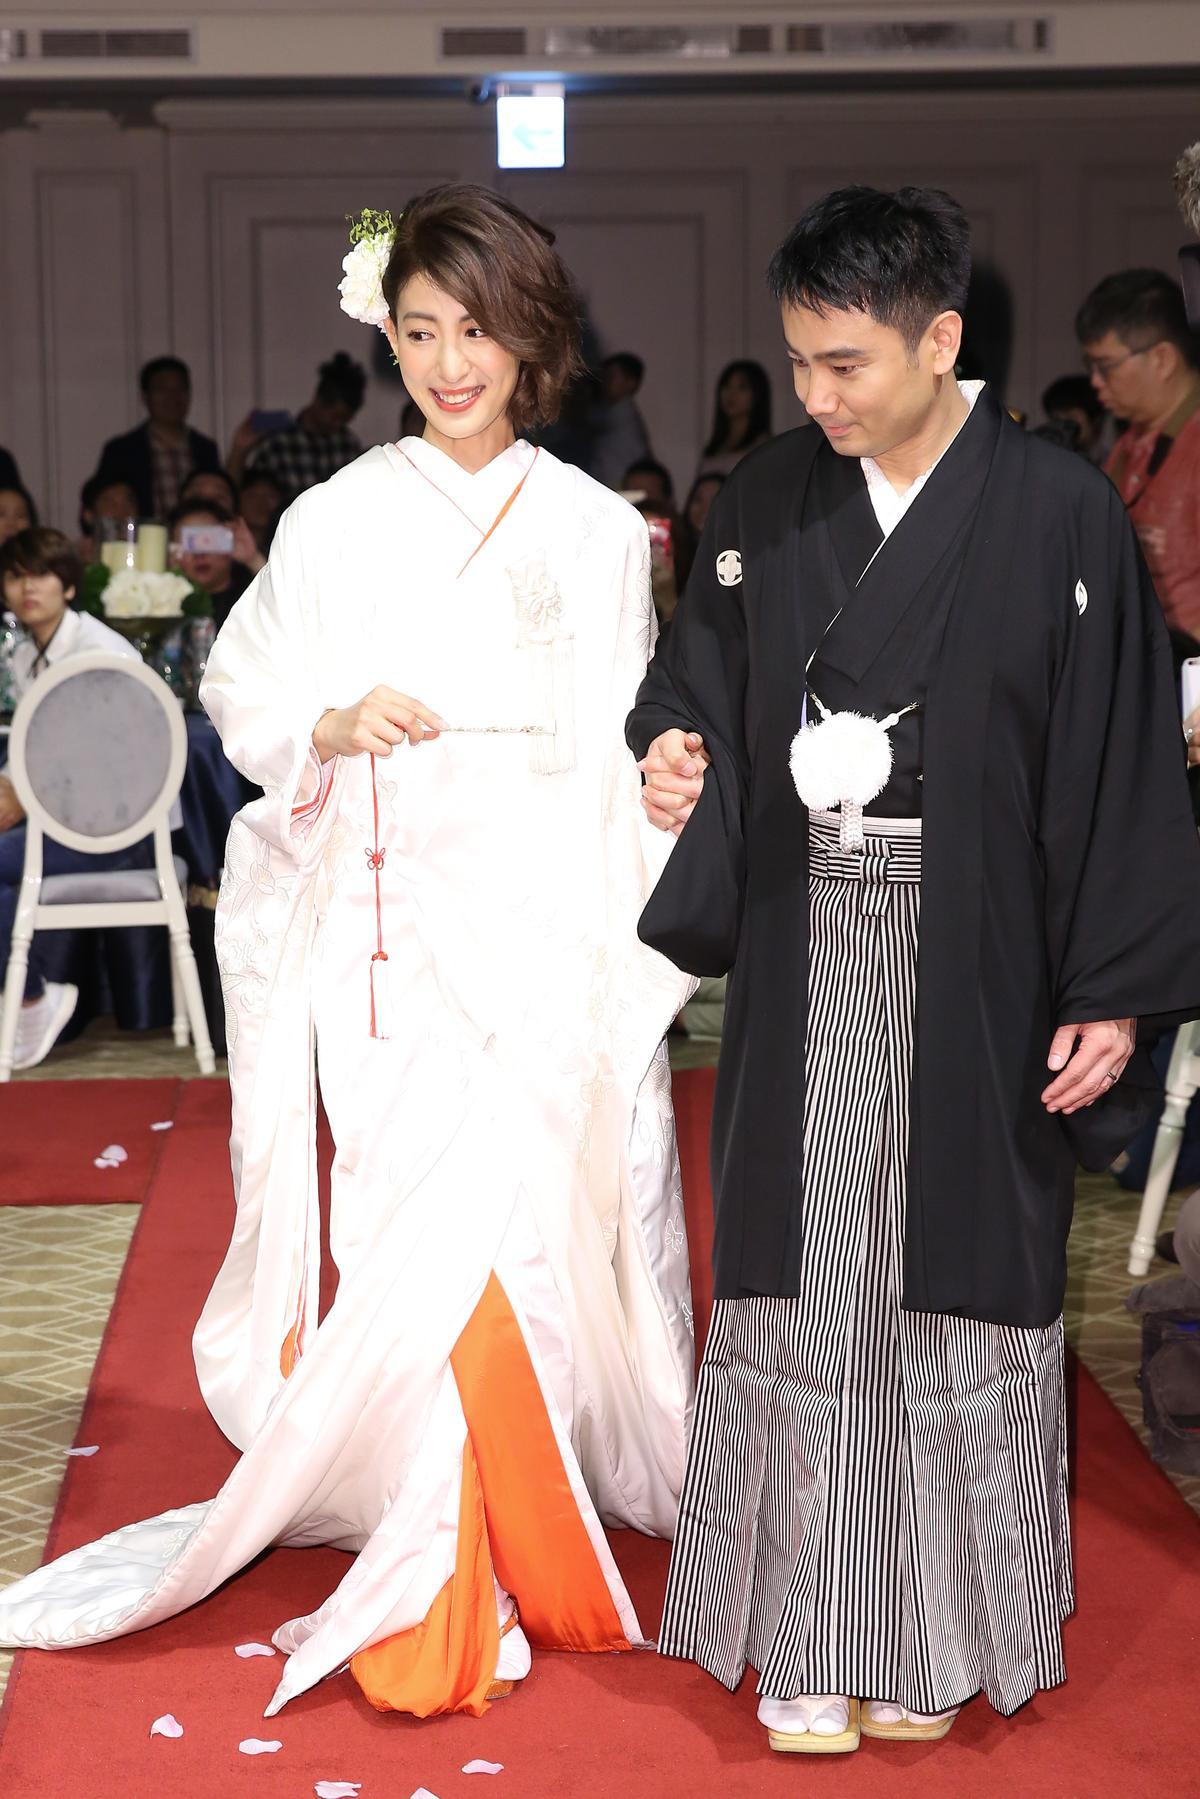 兩人穿著日式和服,一起踏上紅毯,揭開婚禮序幕。